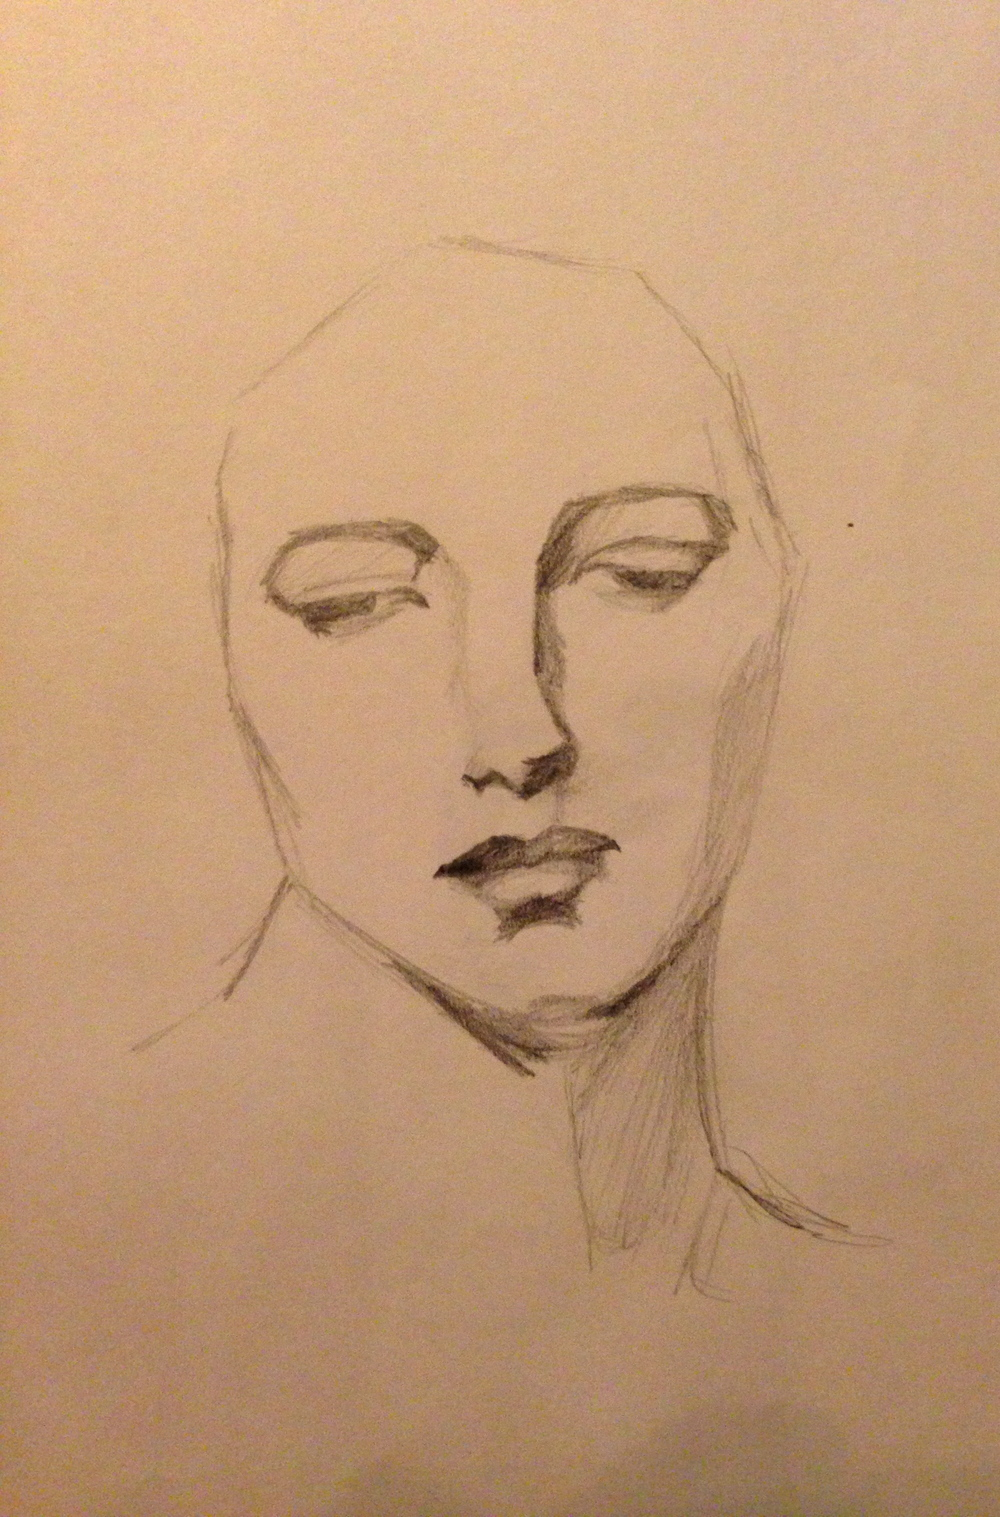 Portrait Study No. 1